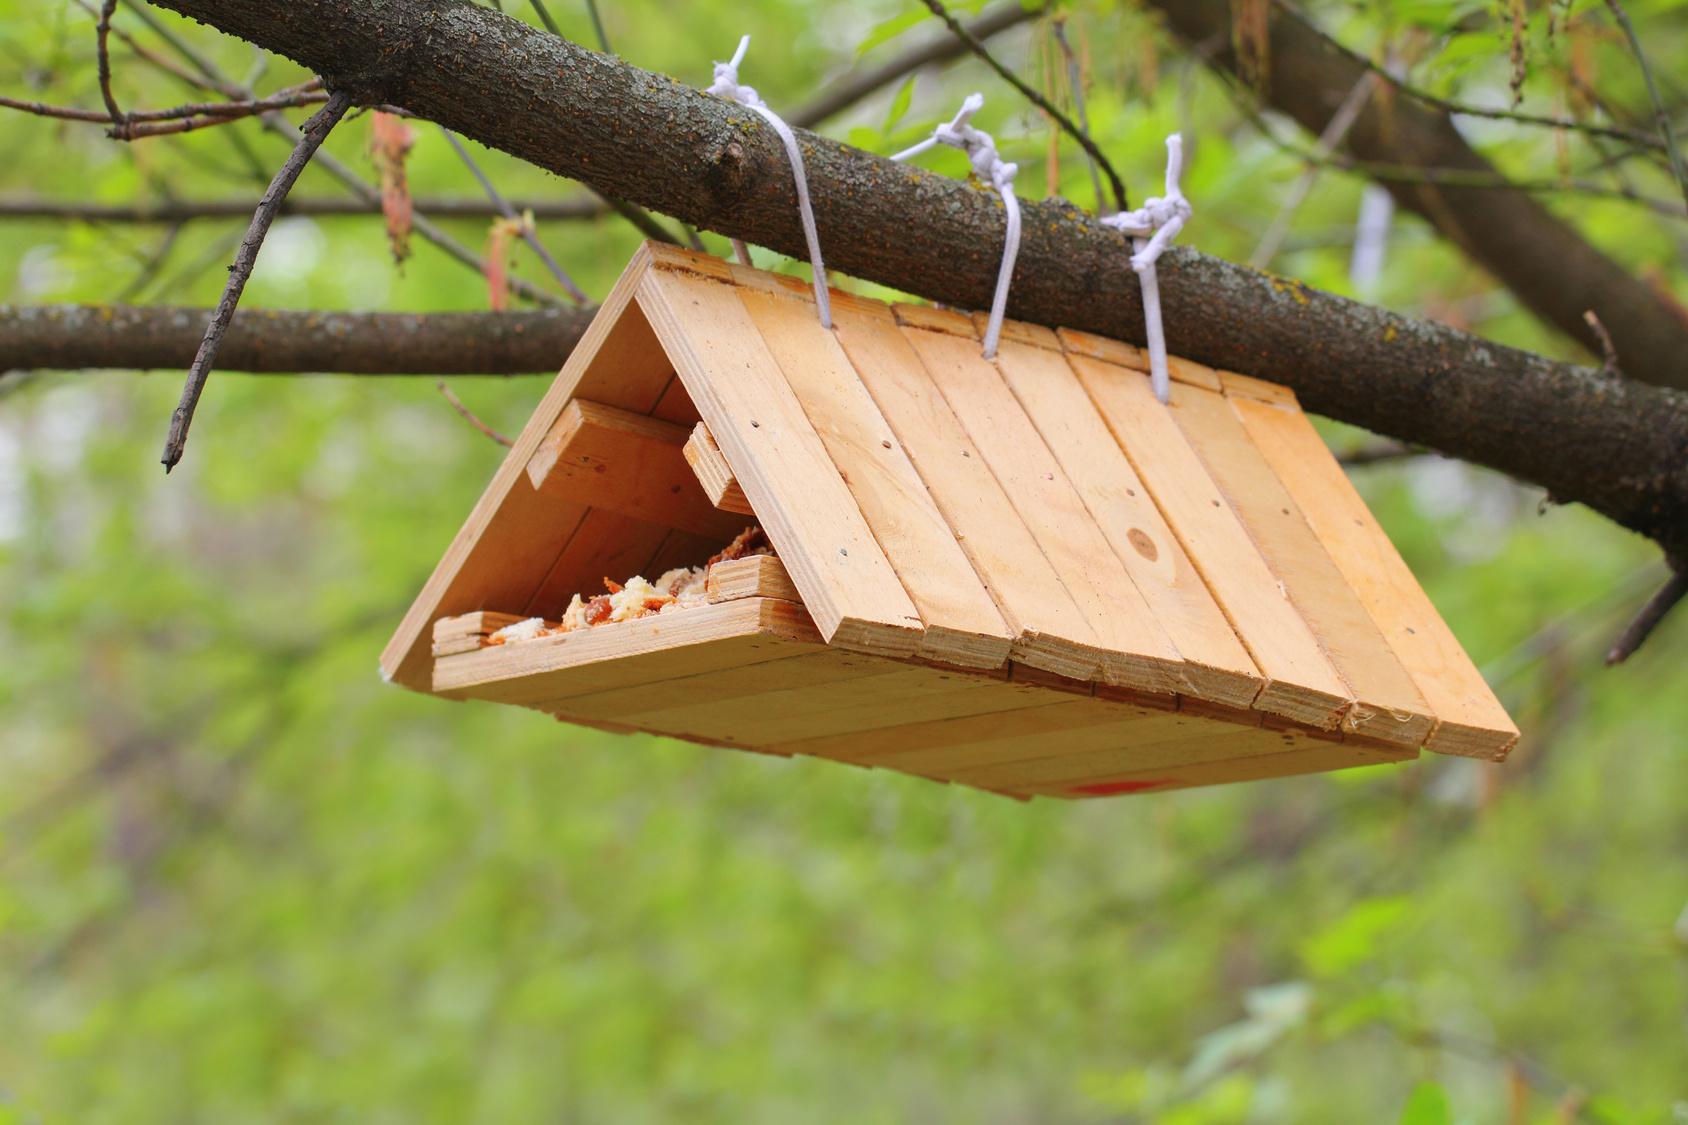 vogelhaus nistkasten einfach selber bauen worauf achten. Black Bedroom Furniture Sets. Home Design Ideas